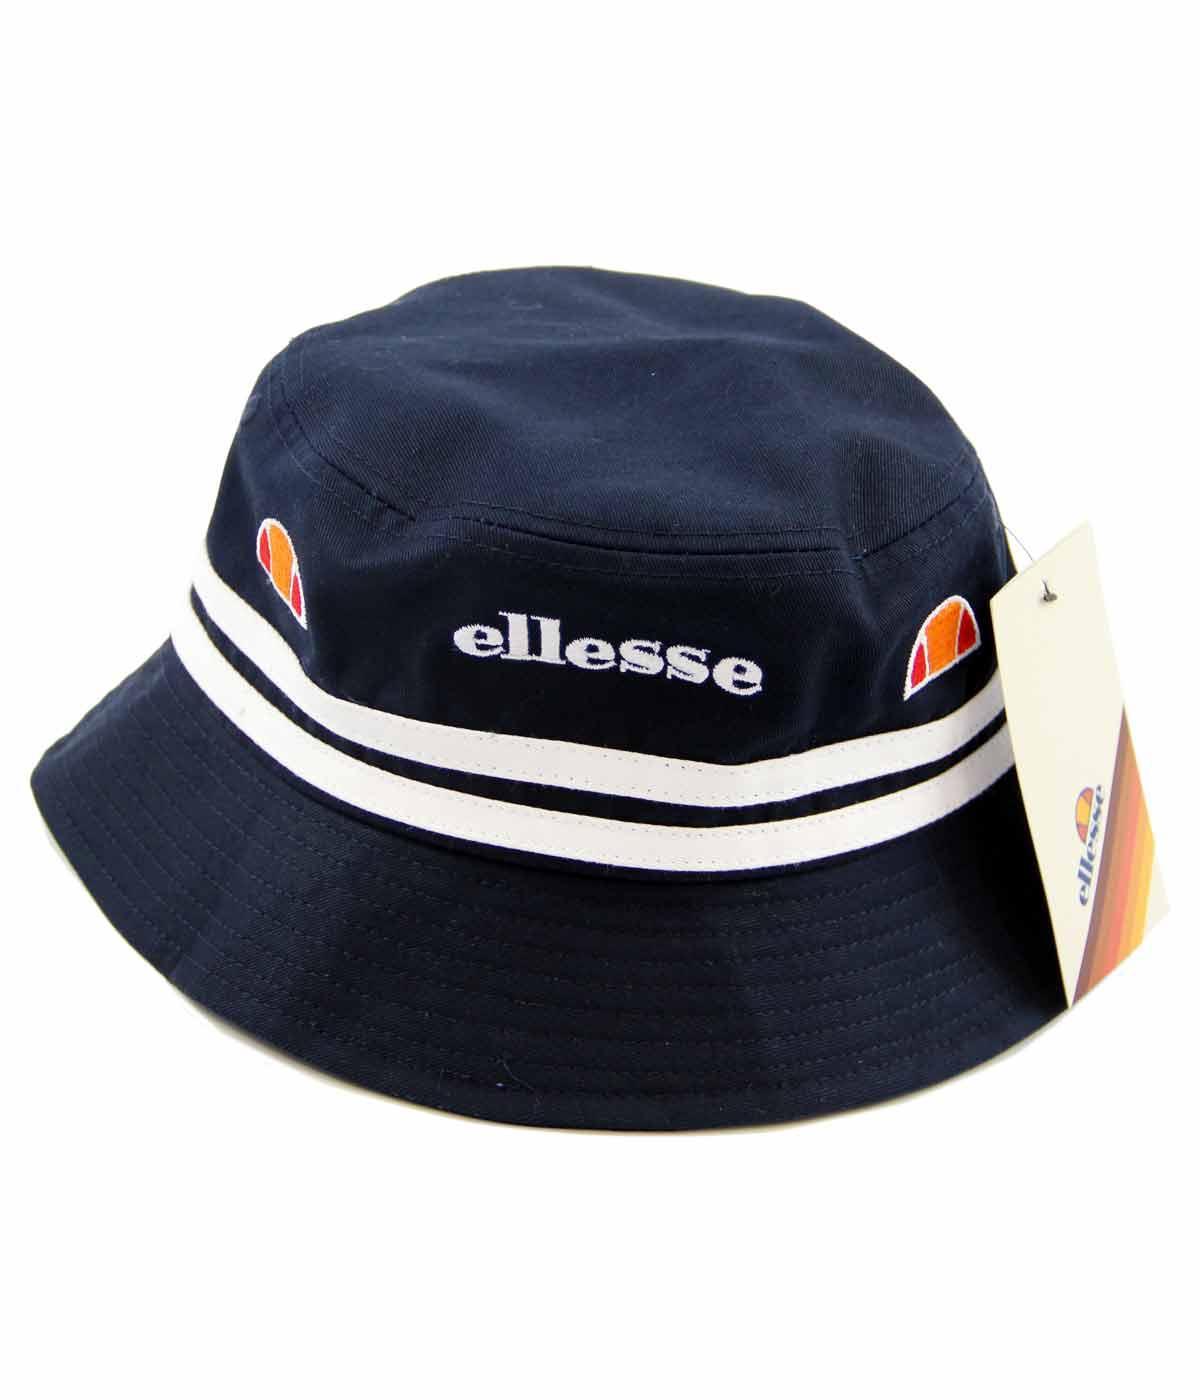 248aa594 Lorenzo II ELLESSE Retro 1990s Britpop Bucket Hat